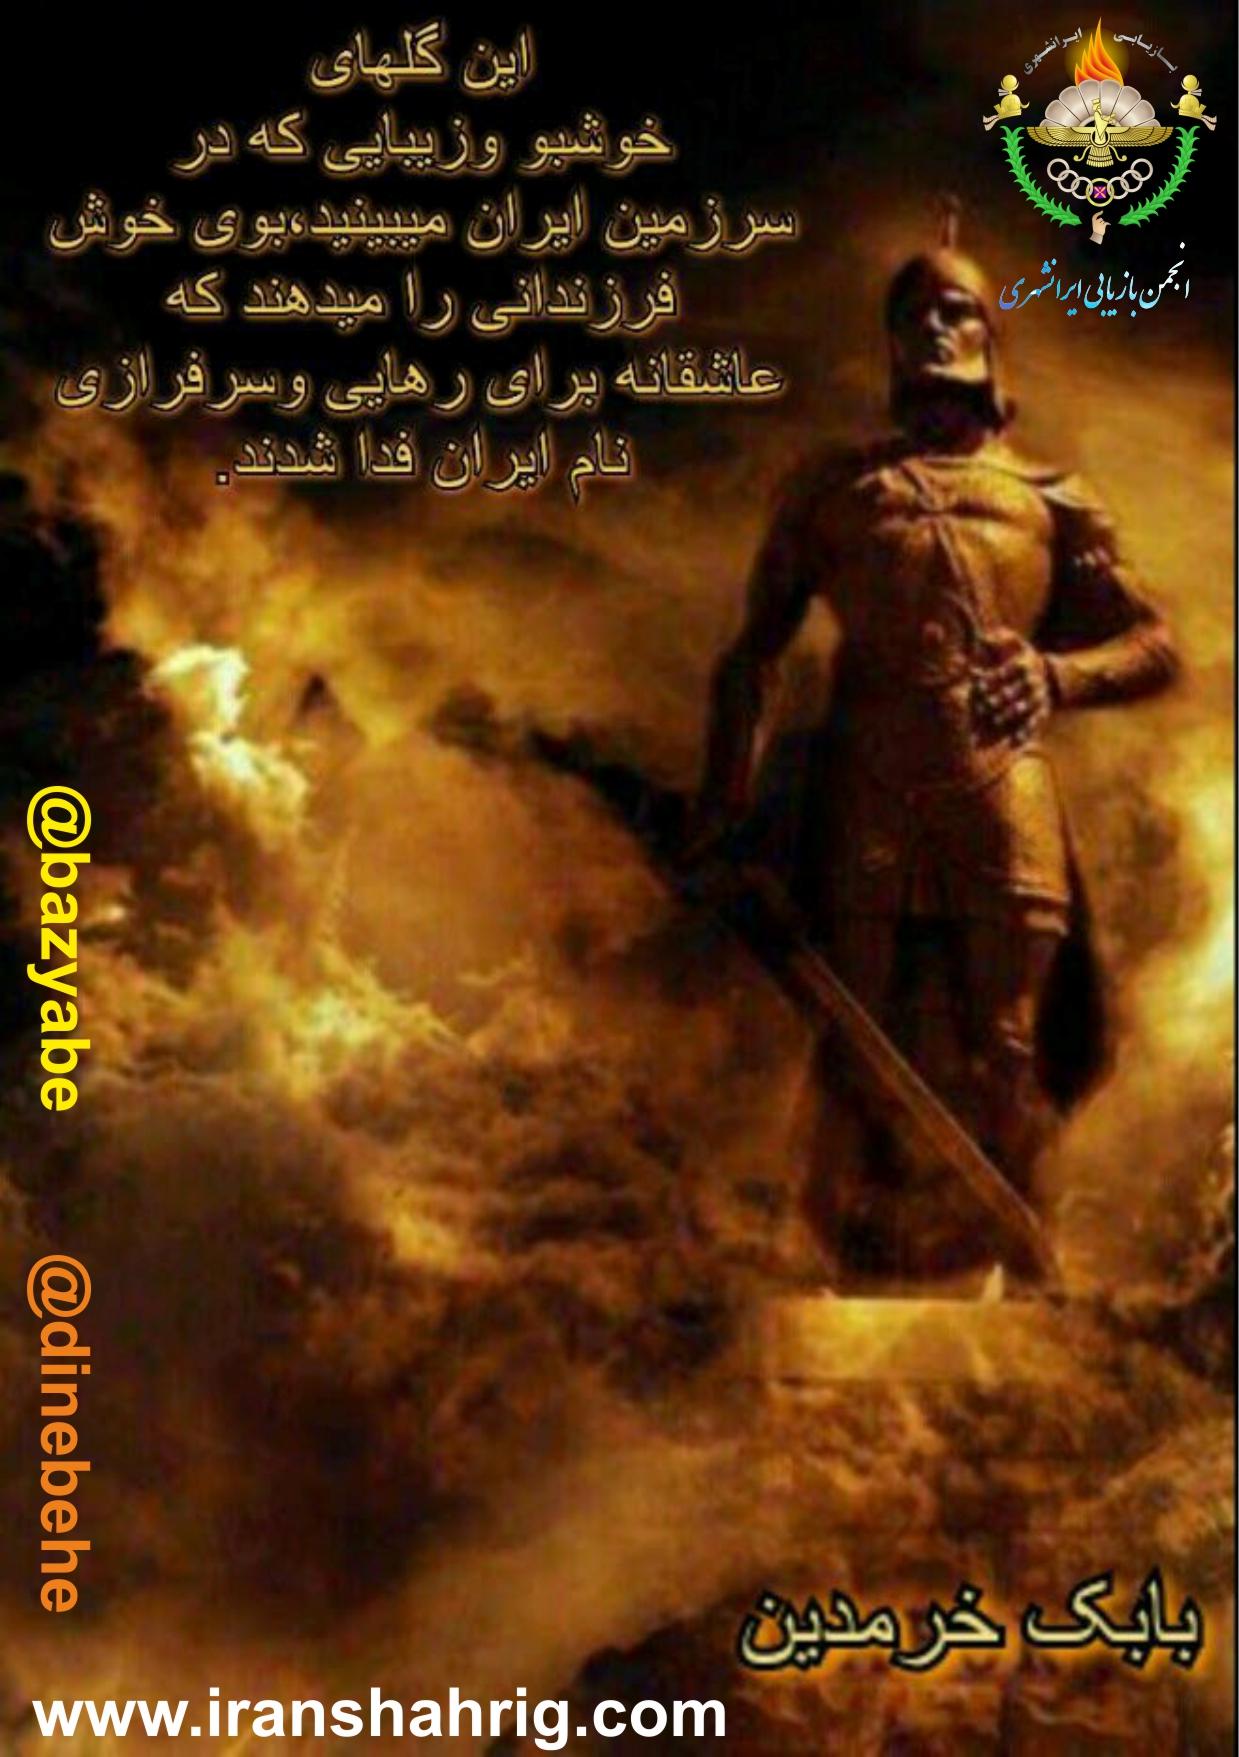 بابک خرمدین / همازوران بازیابی ایرانشهری / حمید شمس